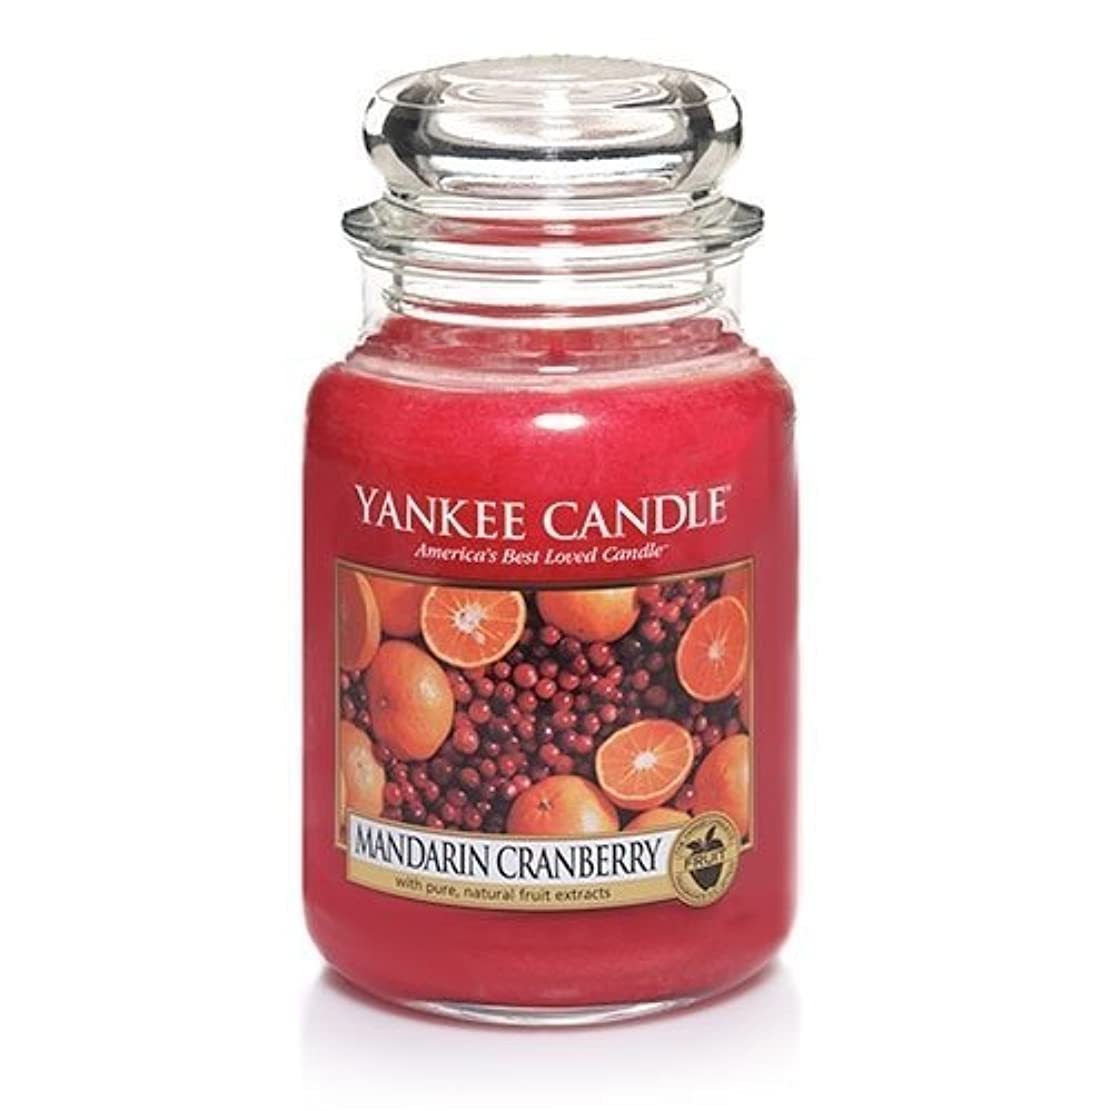 サロン優れた助手Mandarin Cranberry Large Scented Jar by Yankee Candle [並行輸入品]